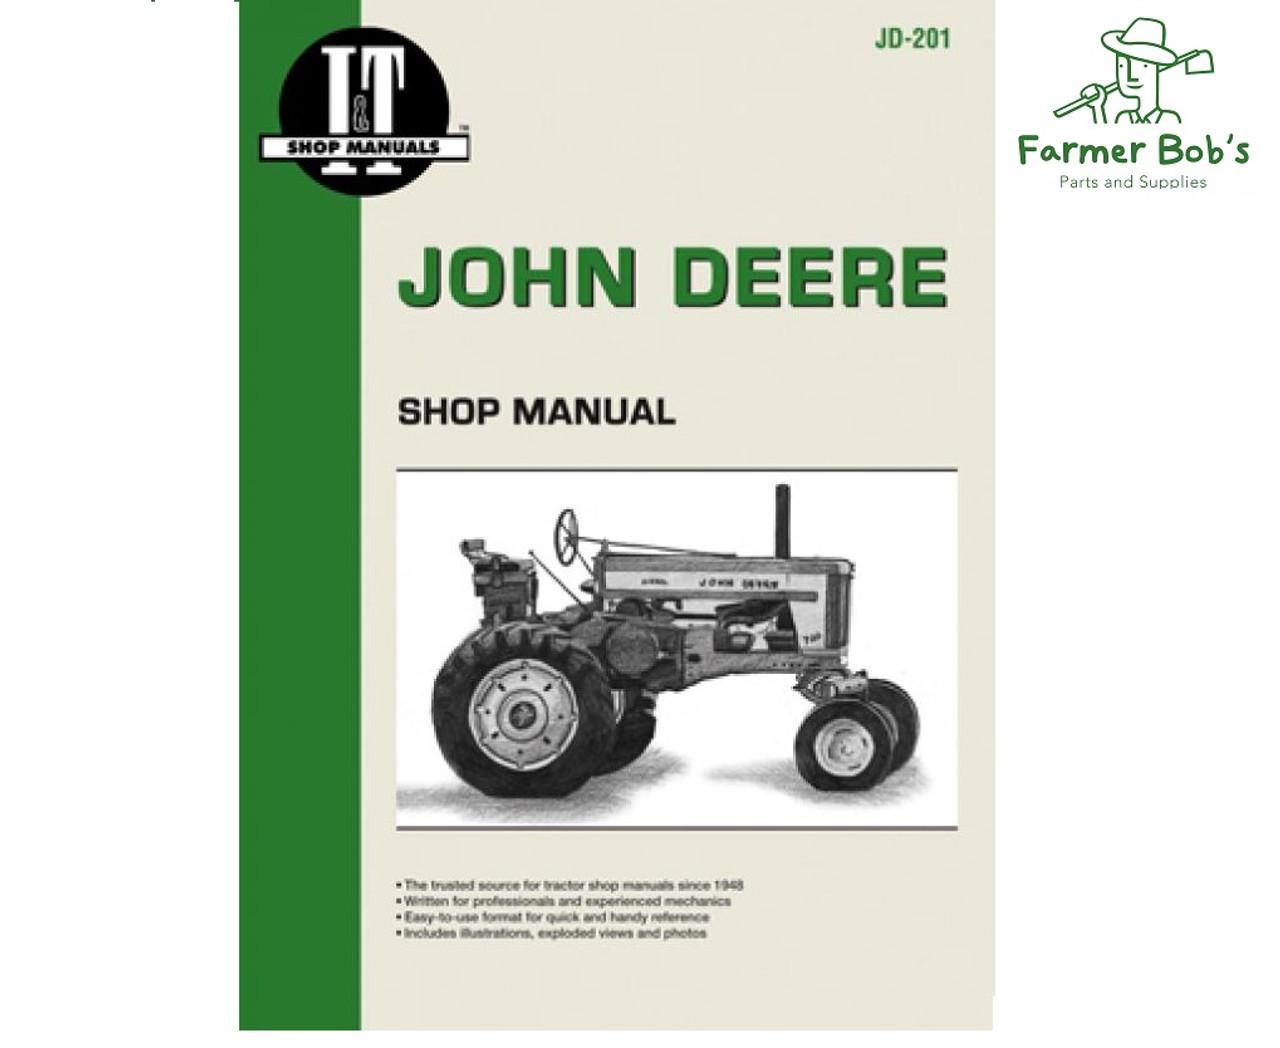 medium resolution of jd201 i t shop manuals john deere 720 diesel 730 diesel series 40